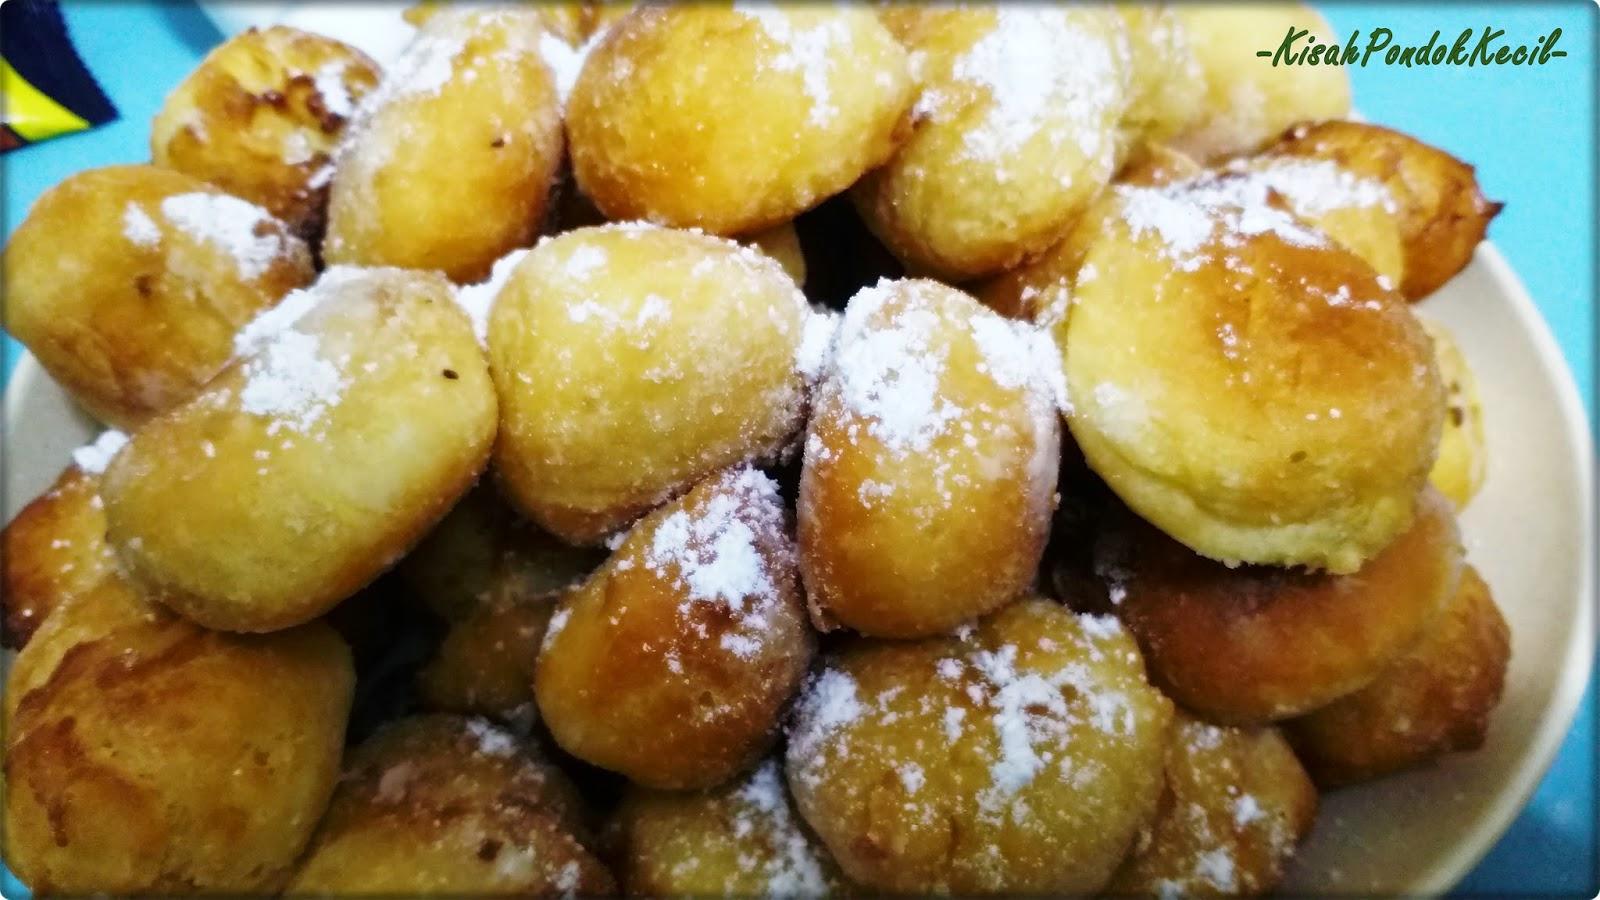 Resepi Donut Simple Lembut dan Gebu